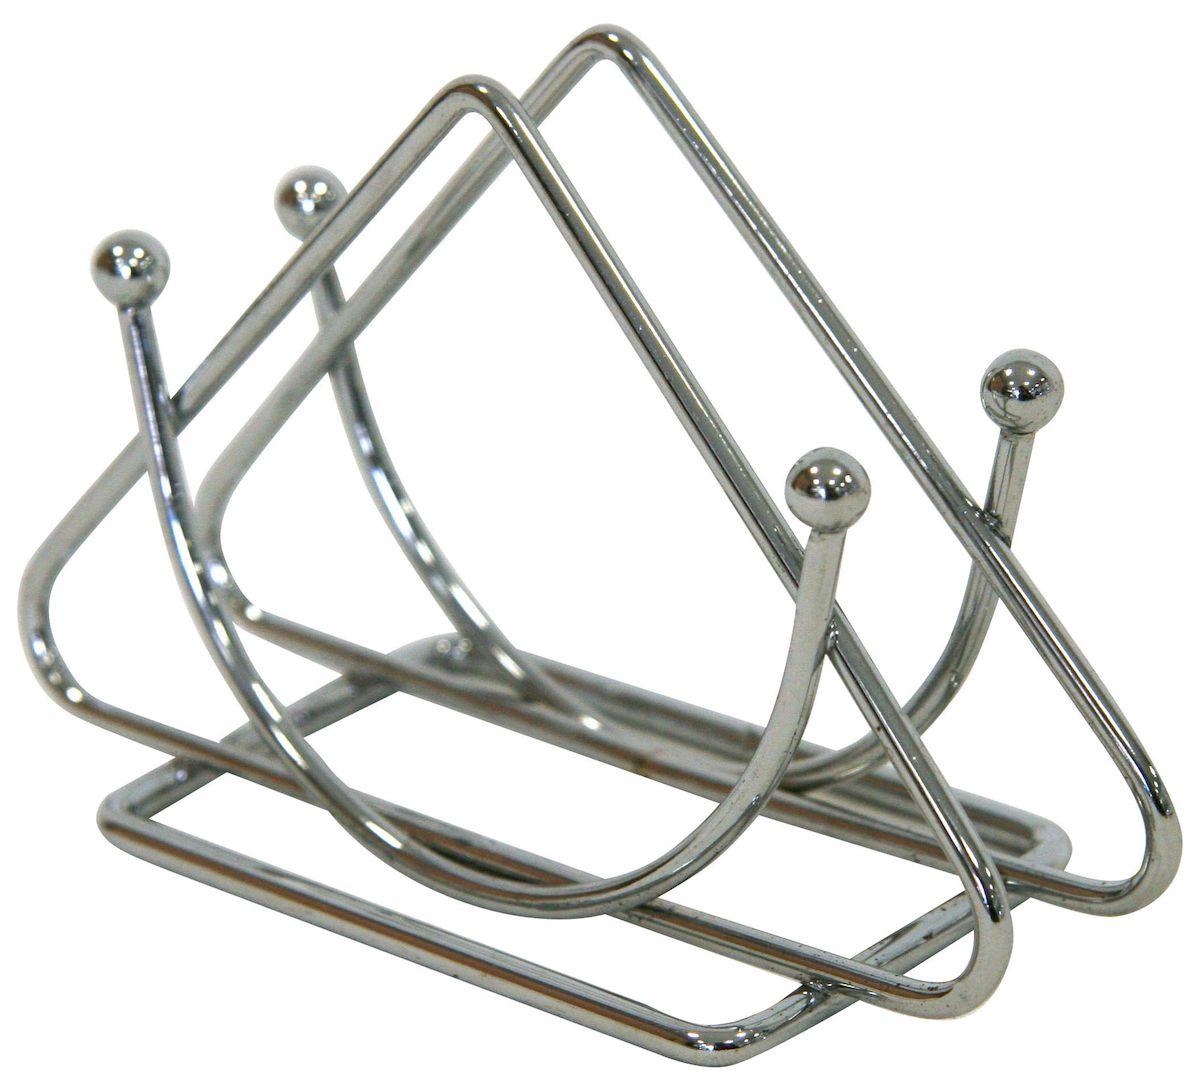 Салфетница настольная Top Star, 13 х 9 см. 702895702895Салфетница настольная Top Star из хромированной стали. Размер 13 х 9 см.